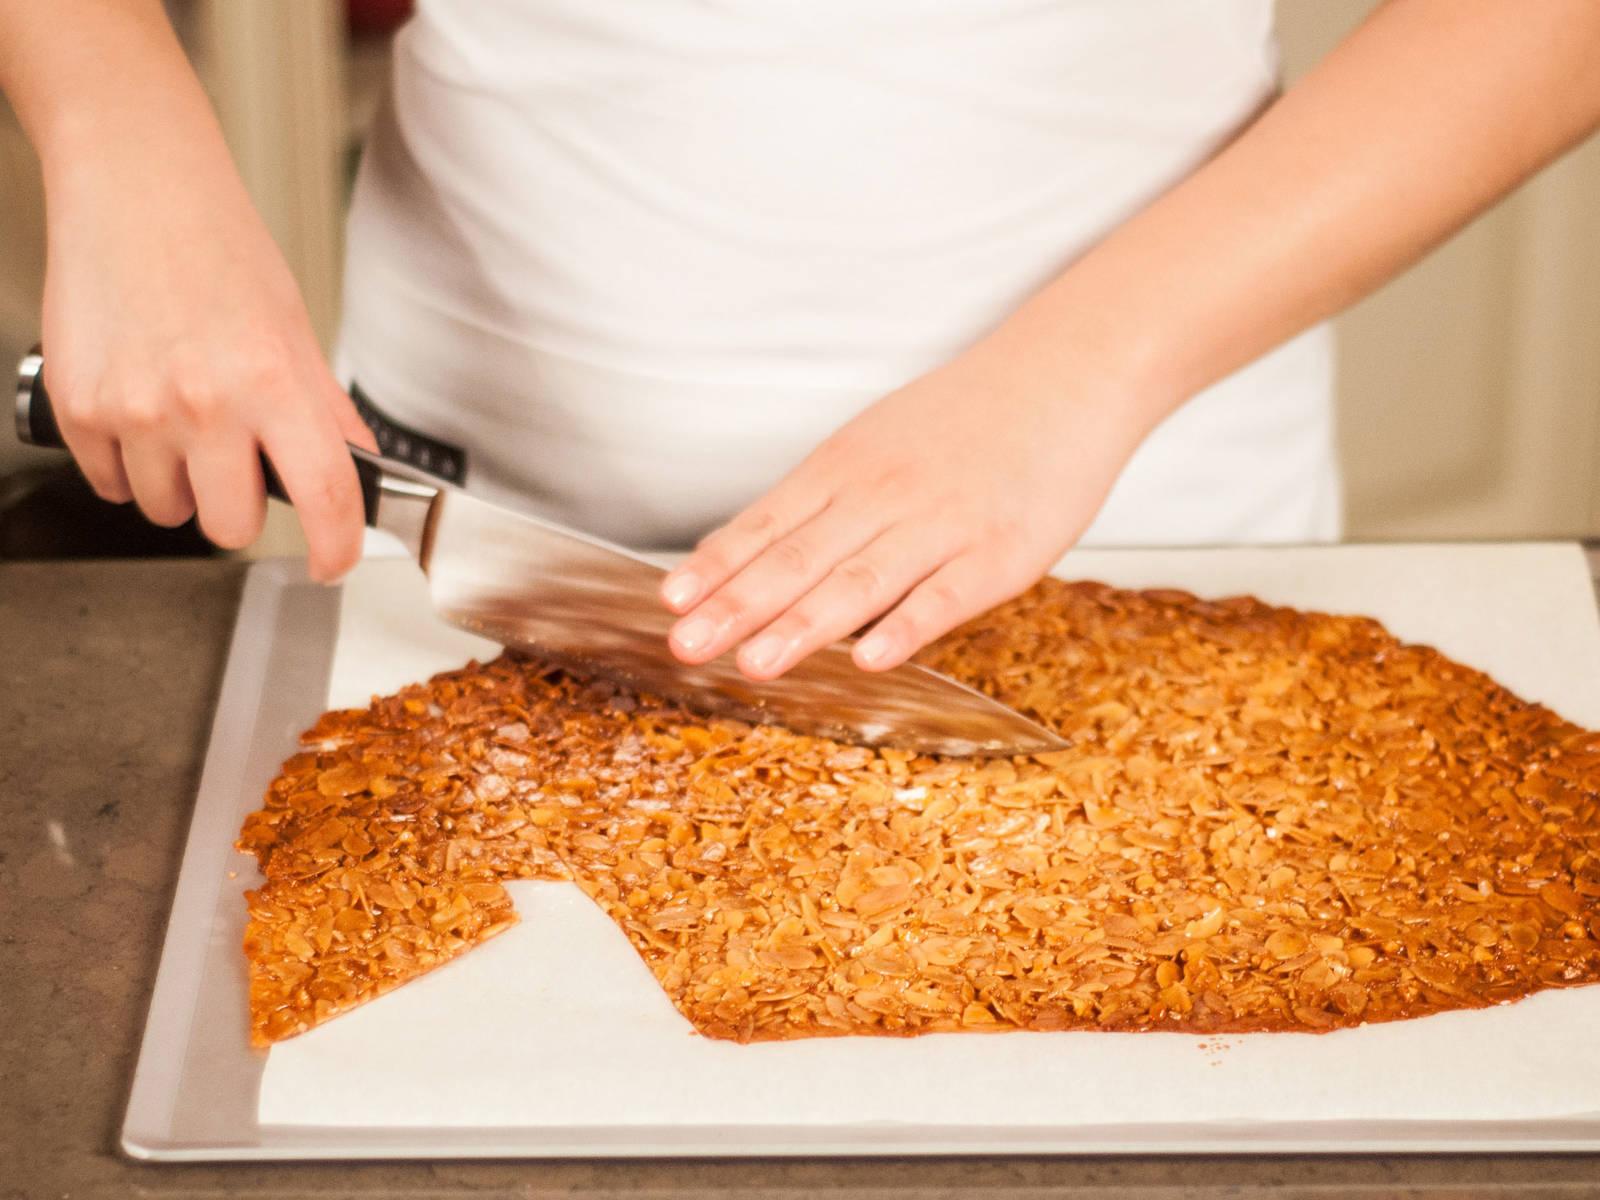 趁热切成大小均匀的长方形。可根据个人口味,饰以巧克力酱和盐。尽情享用吧!